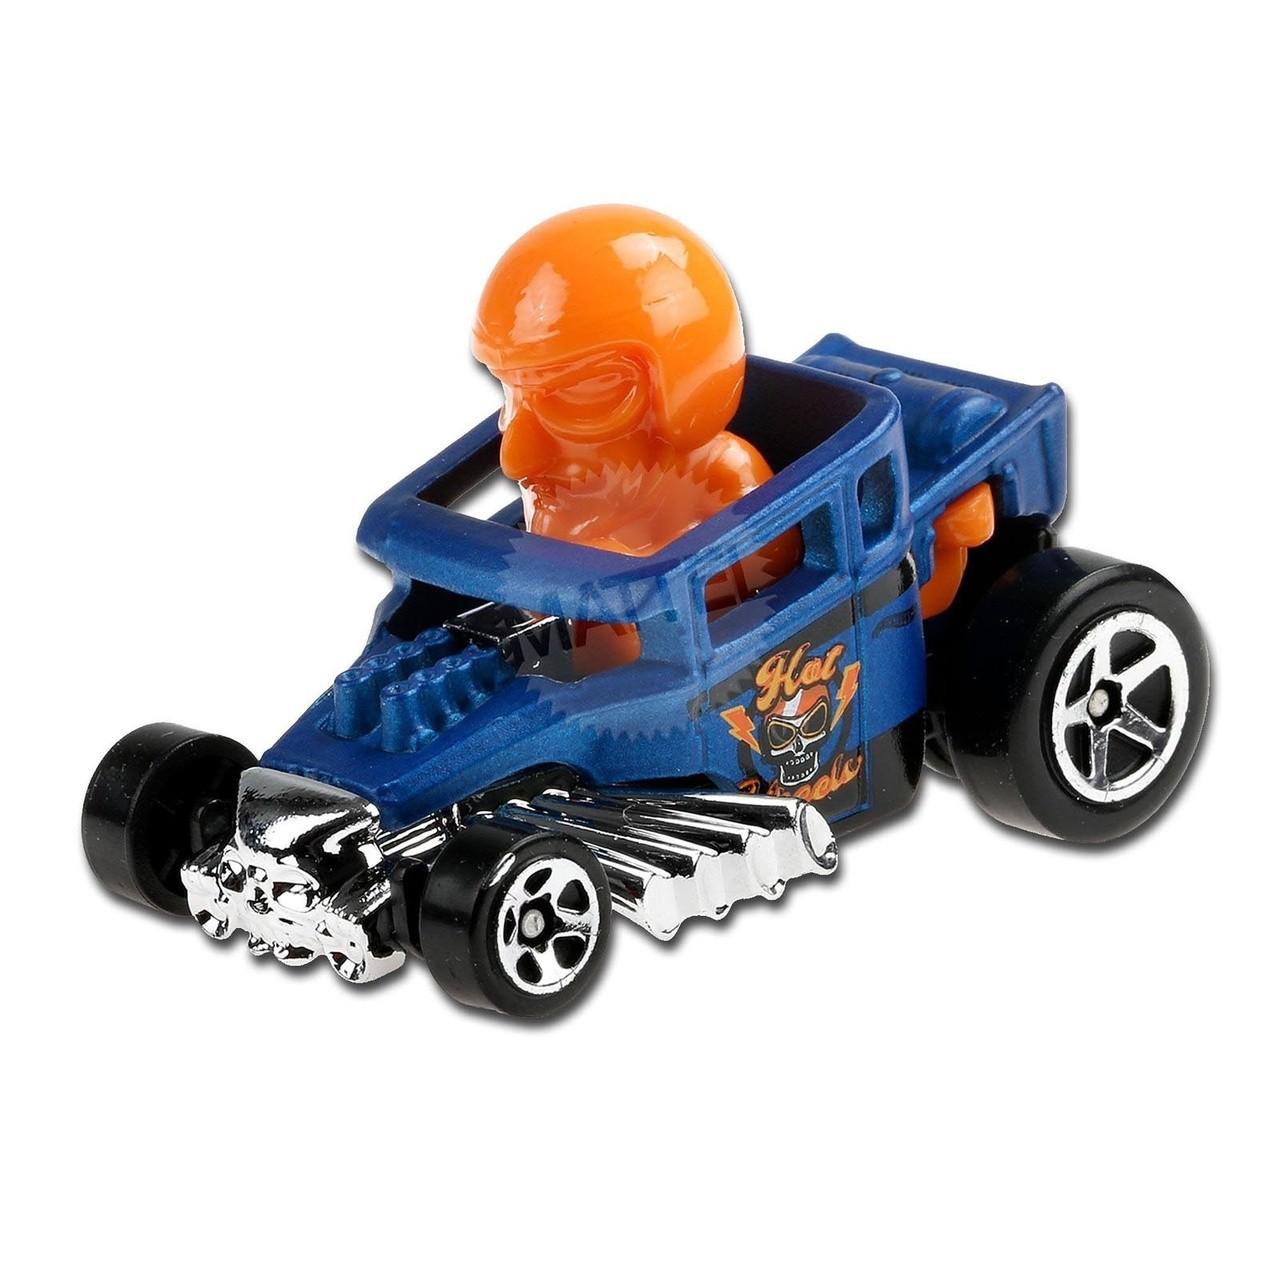 Carrinho Hot Wheels Skull Shaker (MNWF3) Tooned - Mattel